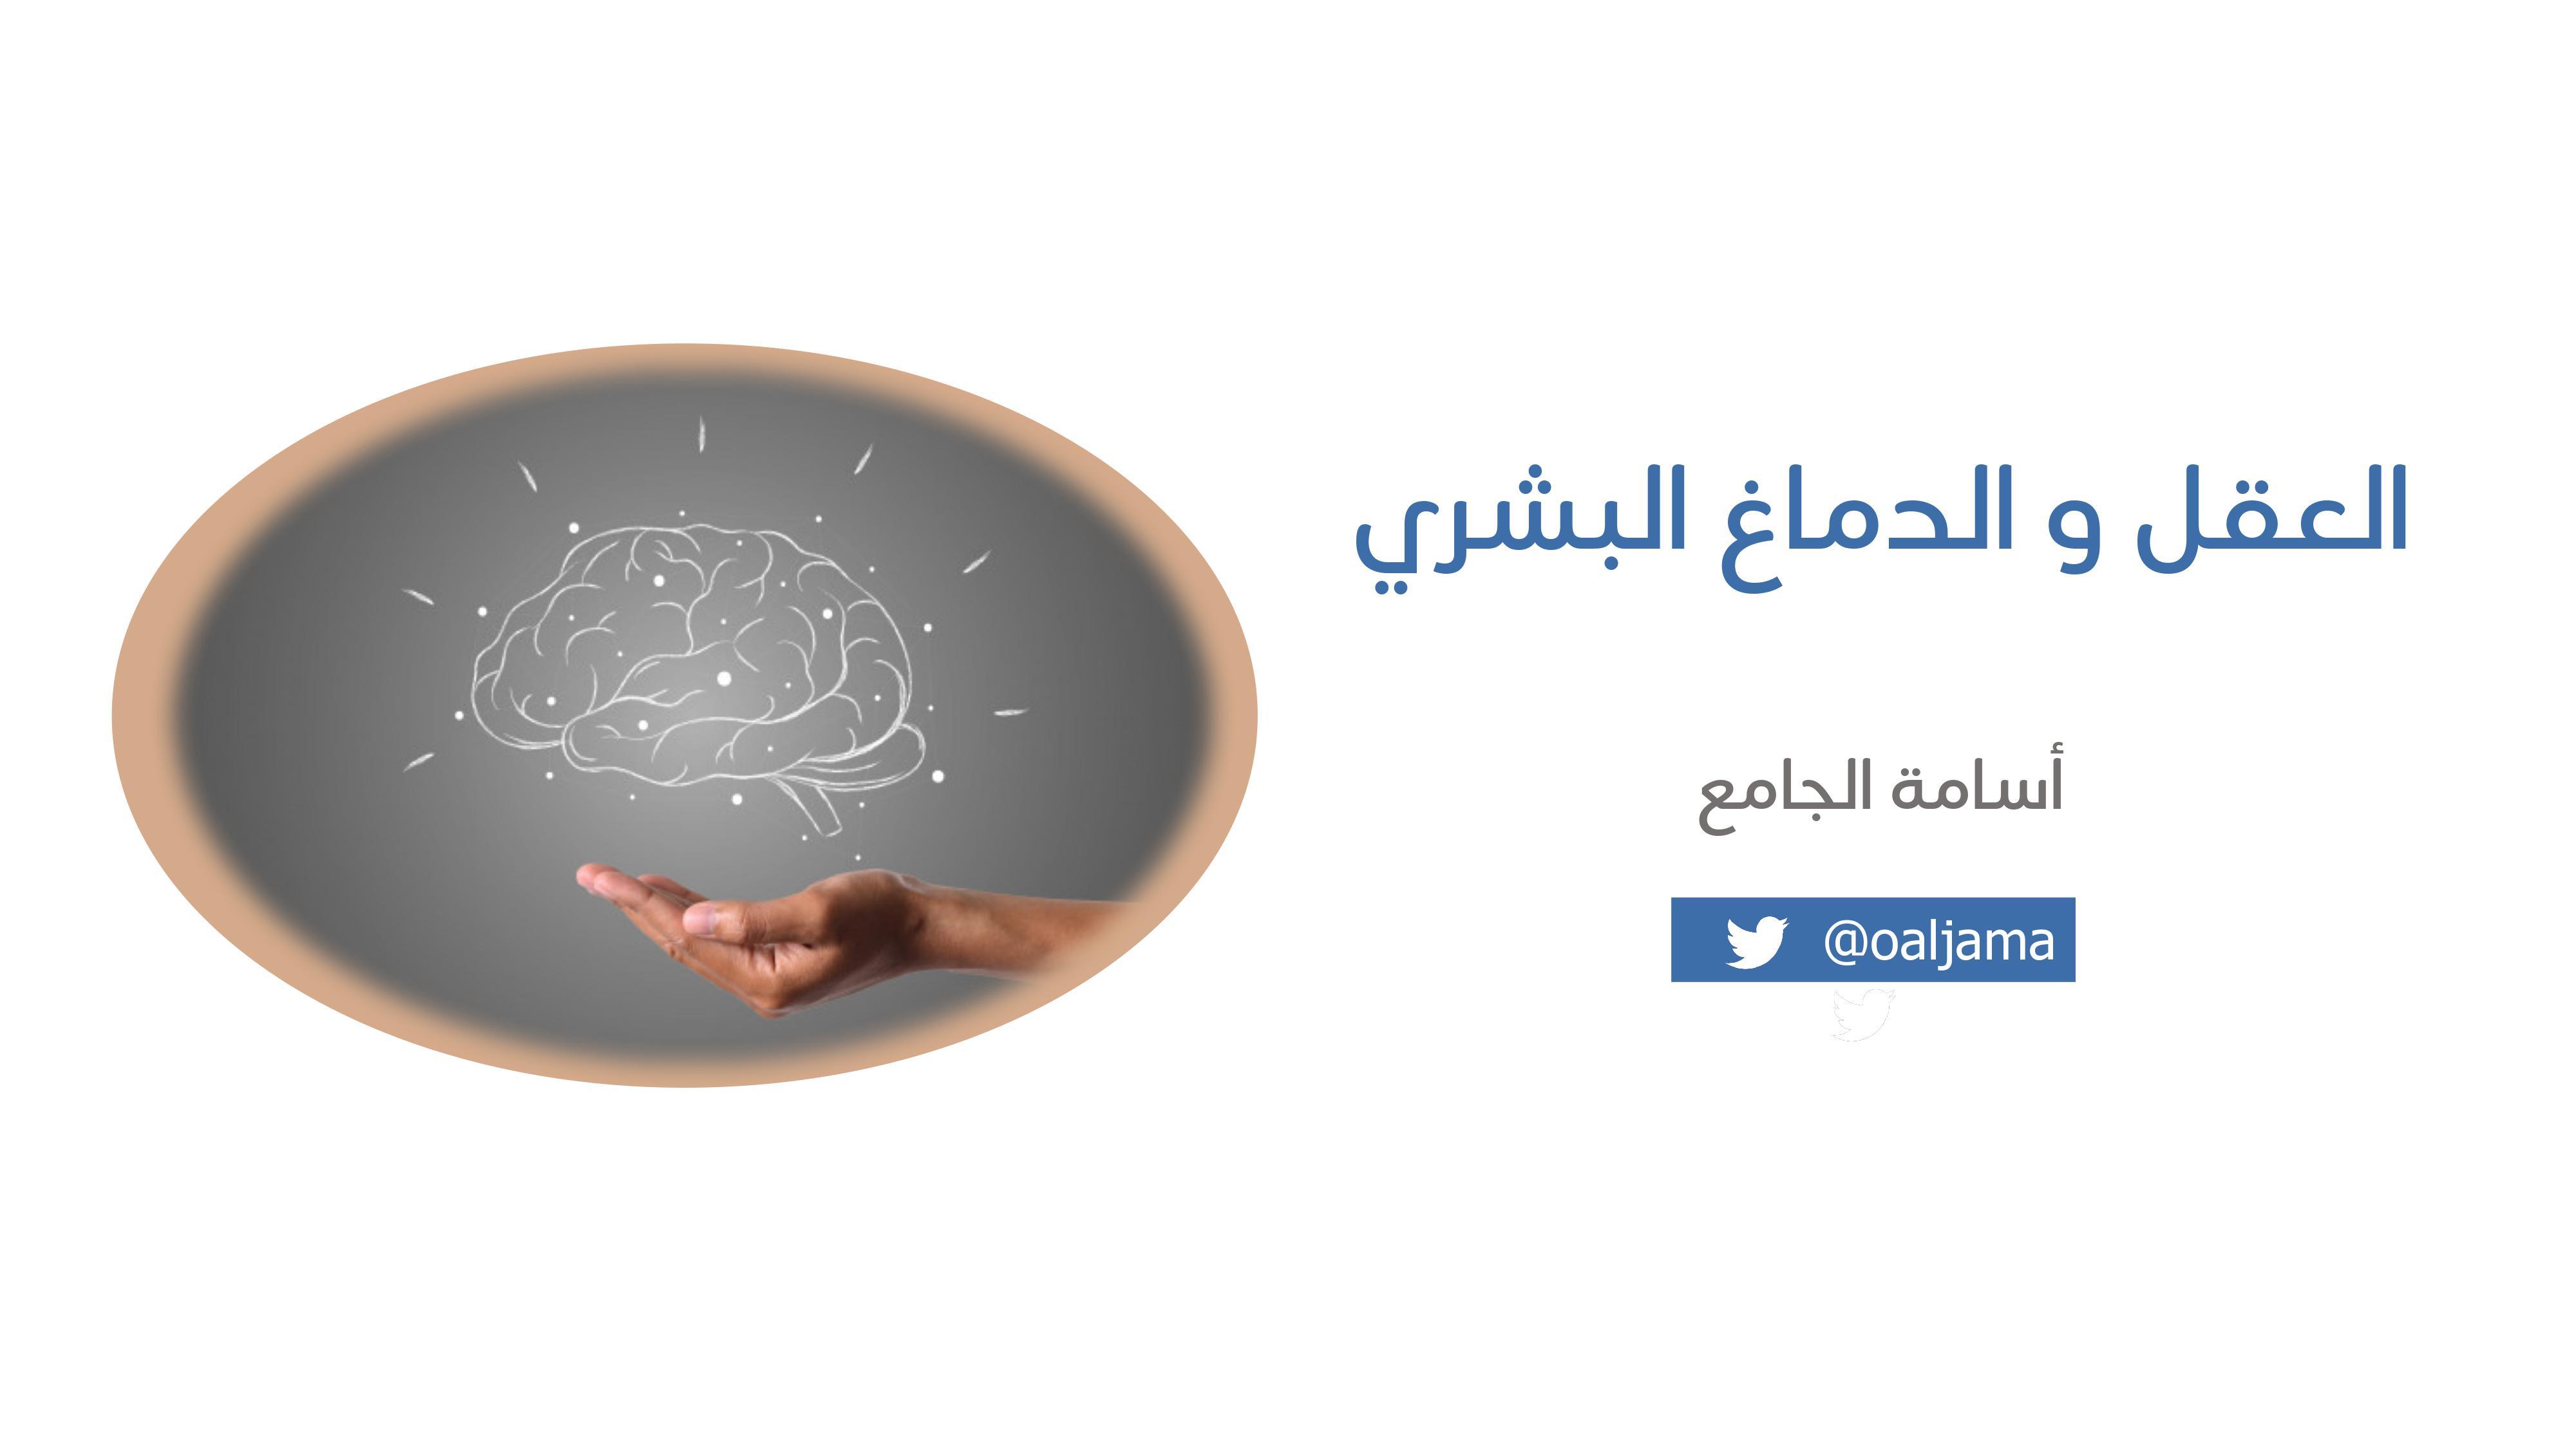 أ. أسامة الجامع - تغريدات أسامة الجامع | سلسلة التصالح مع النفس | كتاب العقل و الدماغ البشري